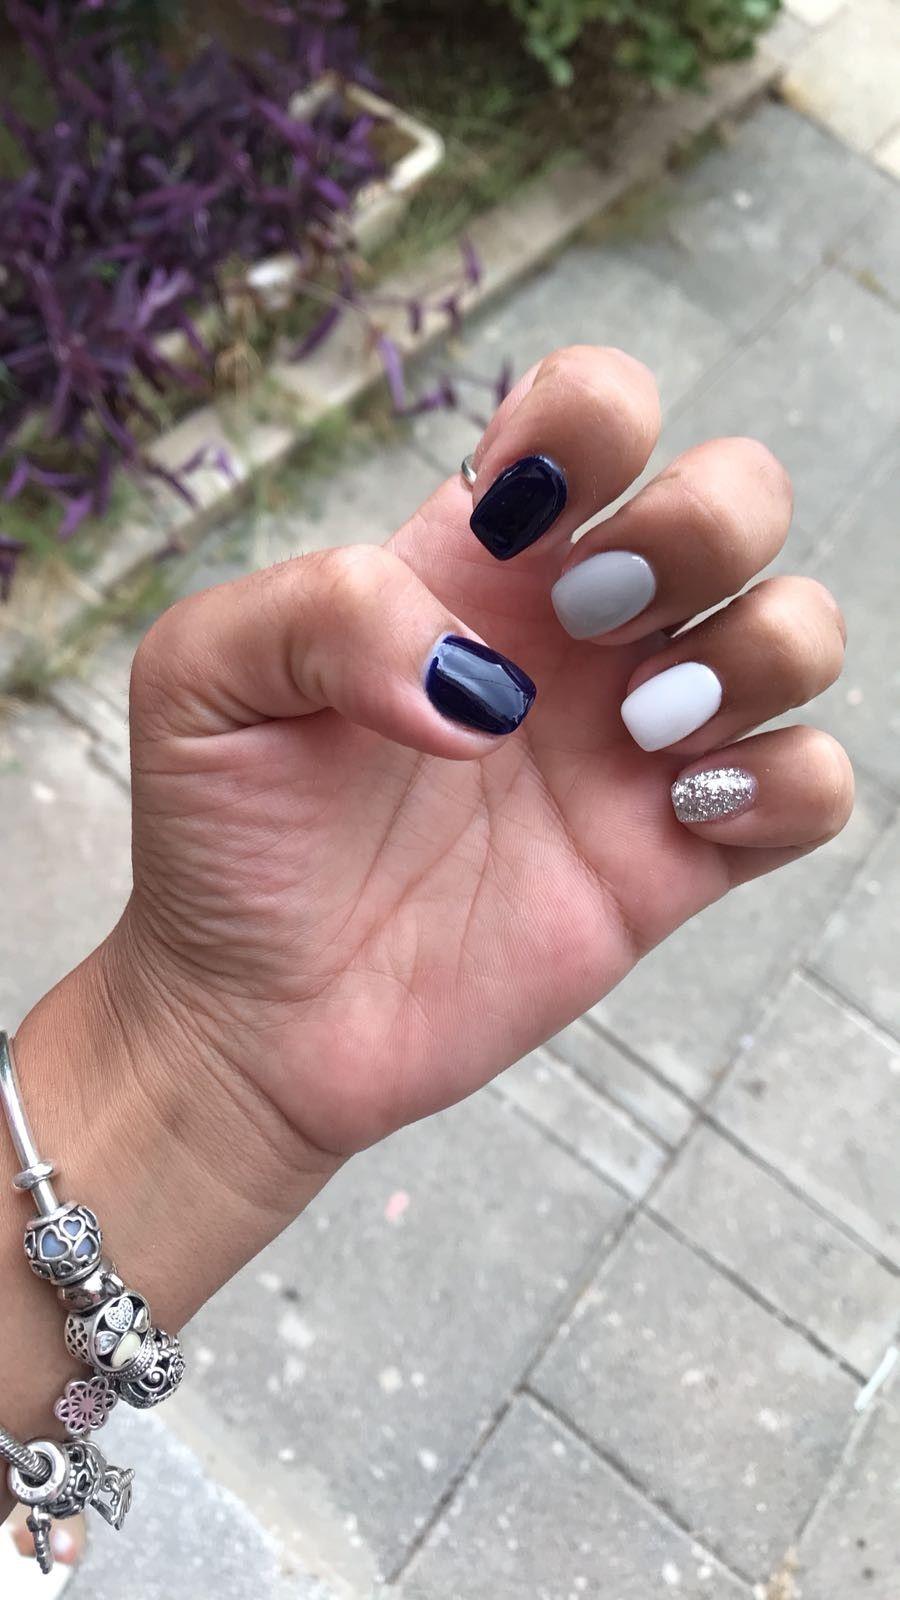 Pin by Mila yasinov on nail art gel Gel nail art, Nails